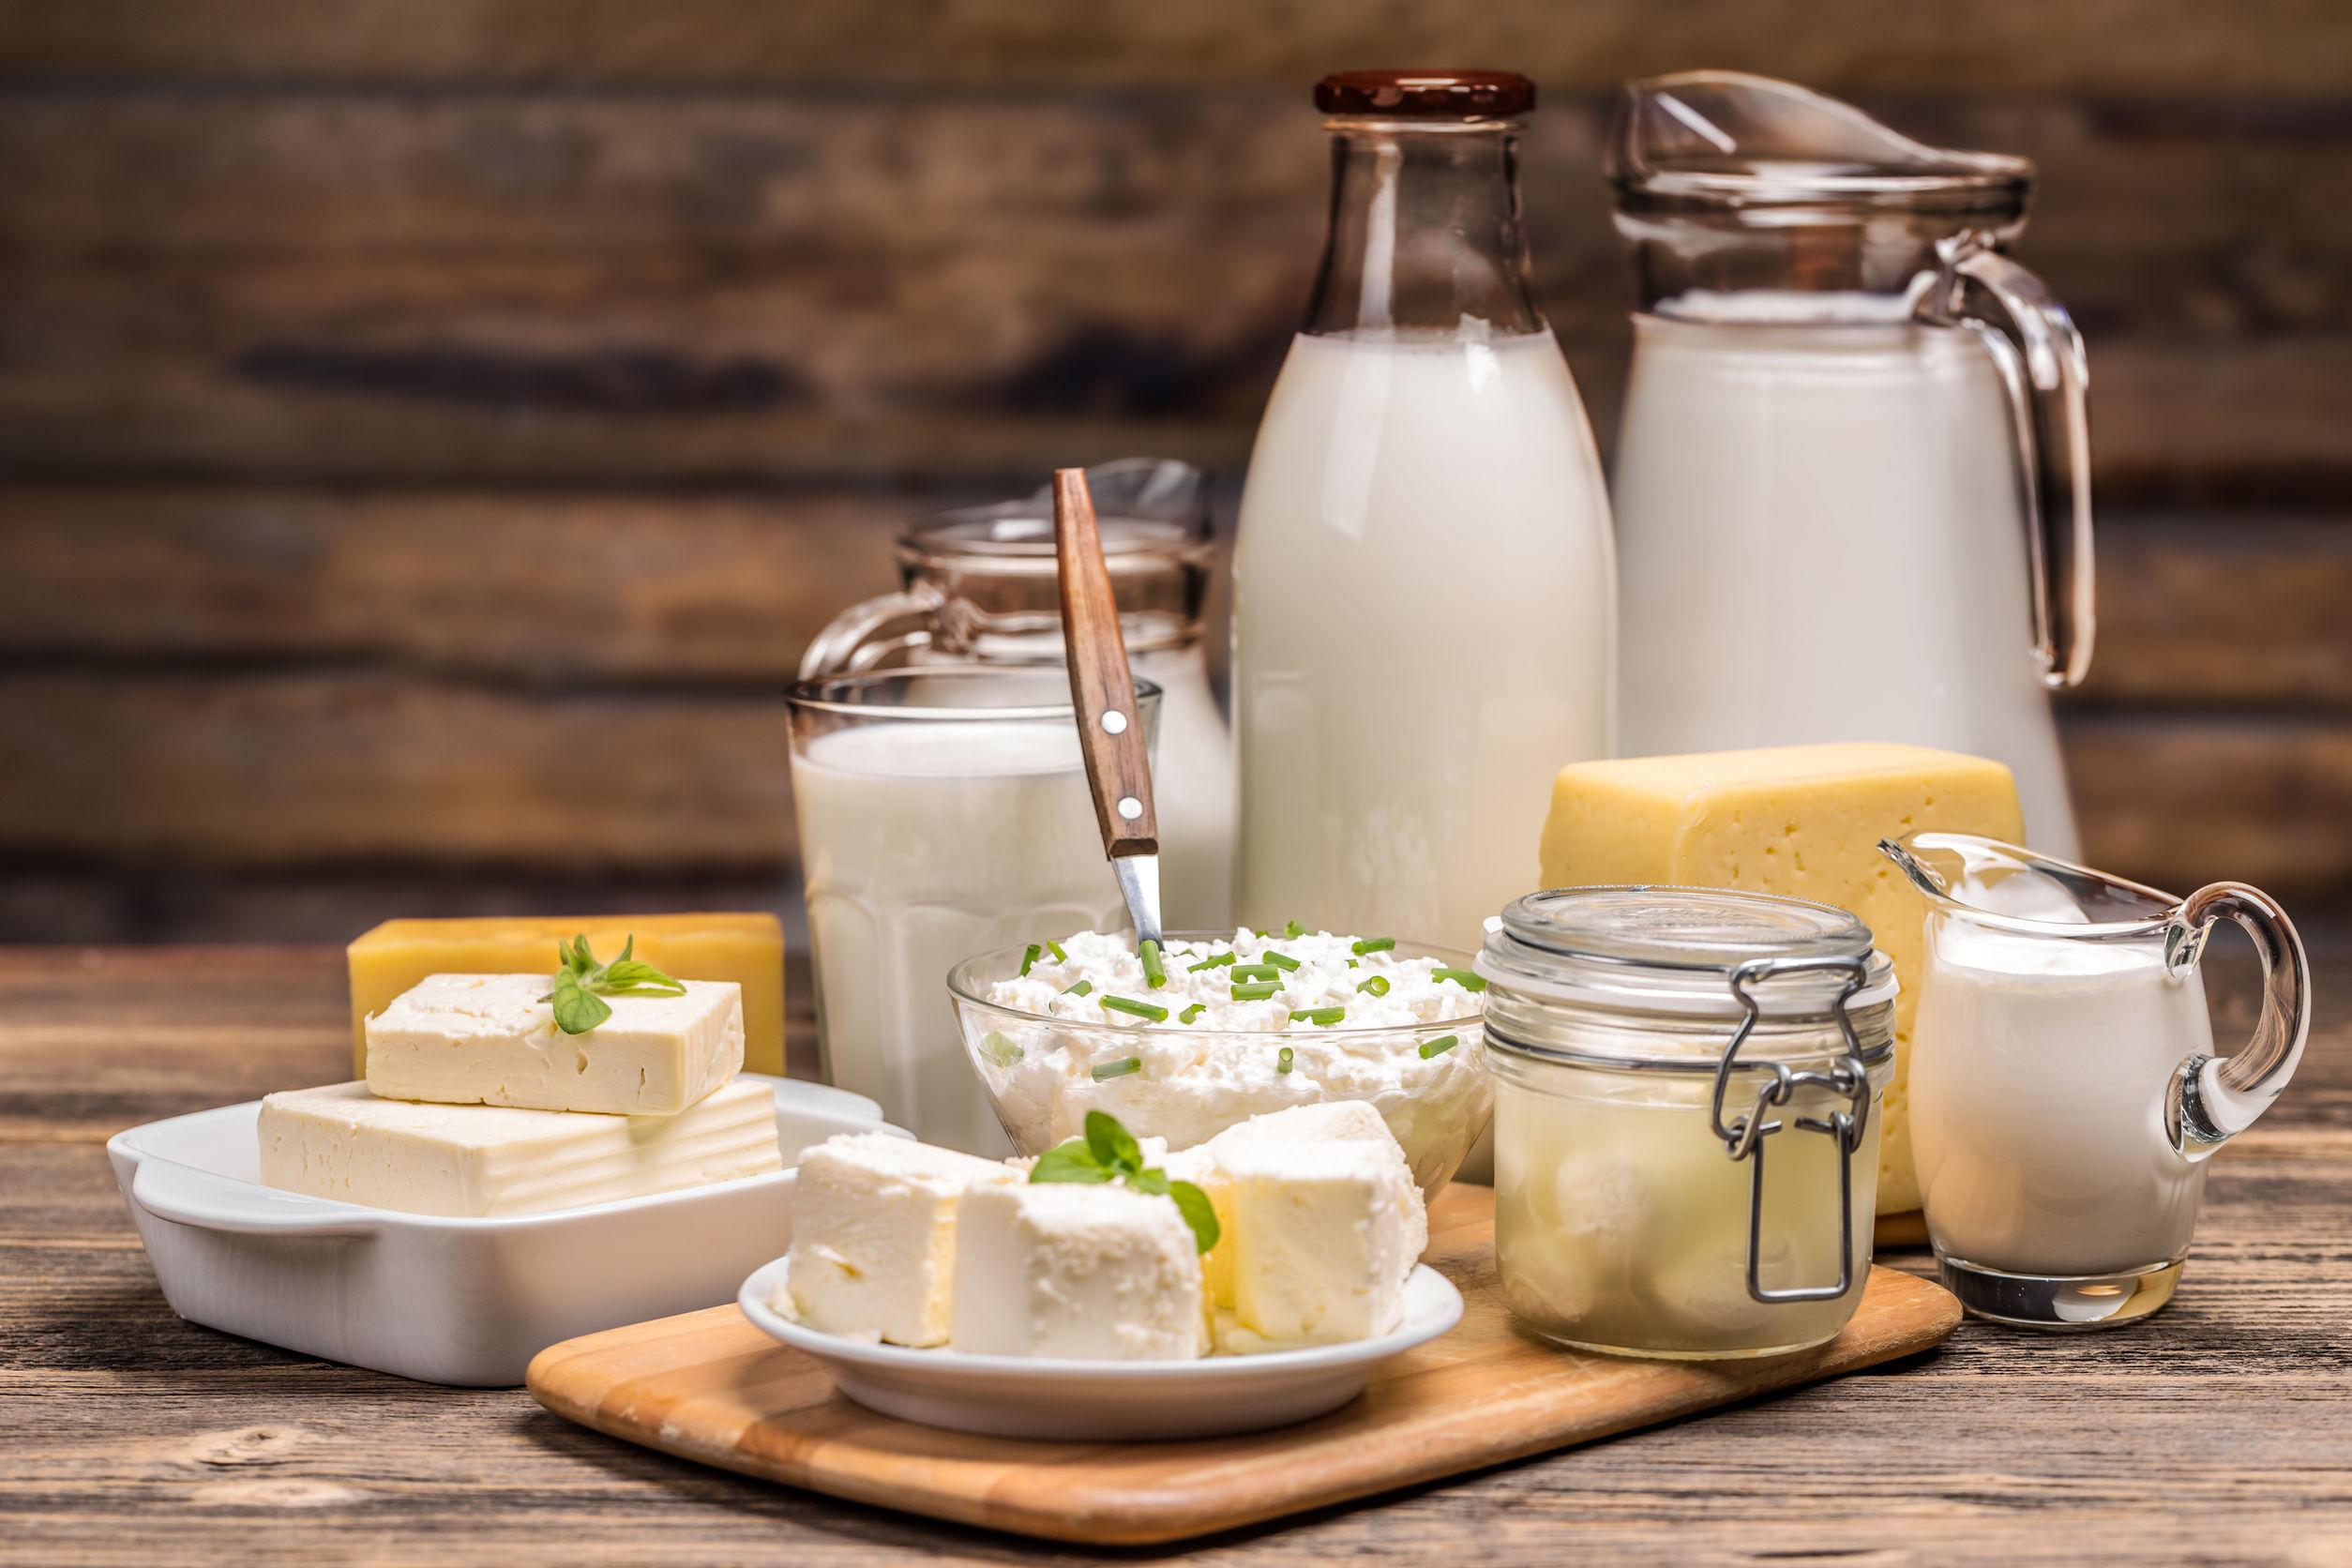 leite e derivados em uma bancada, alimentos que desencadeiam a intolerância à lactose, sintomas e reações.